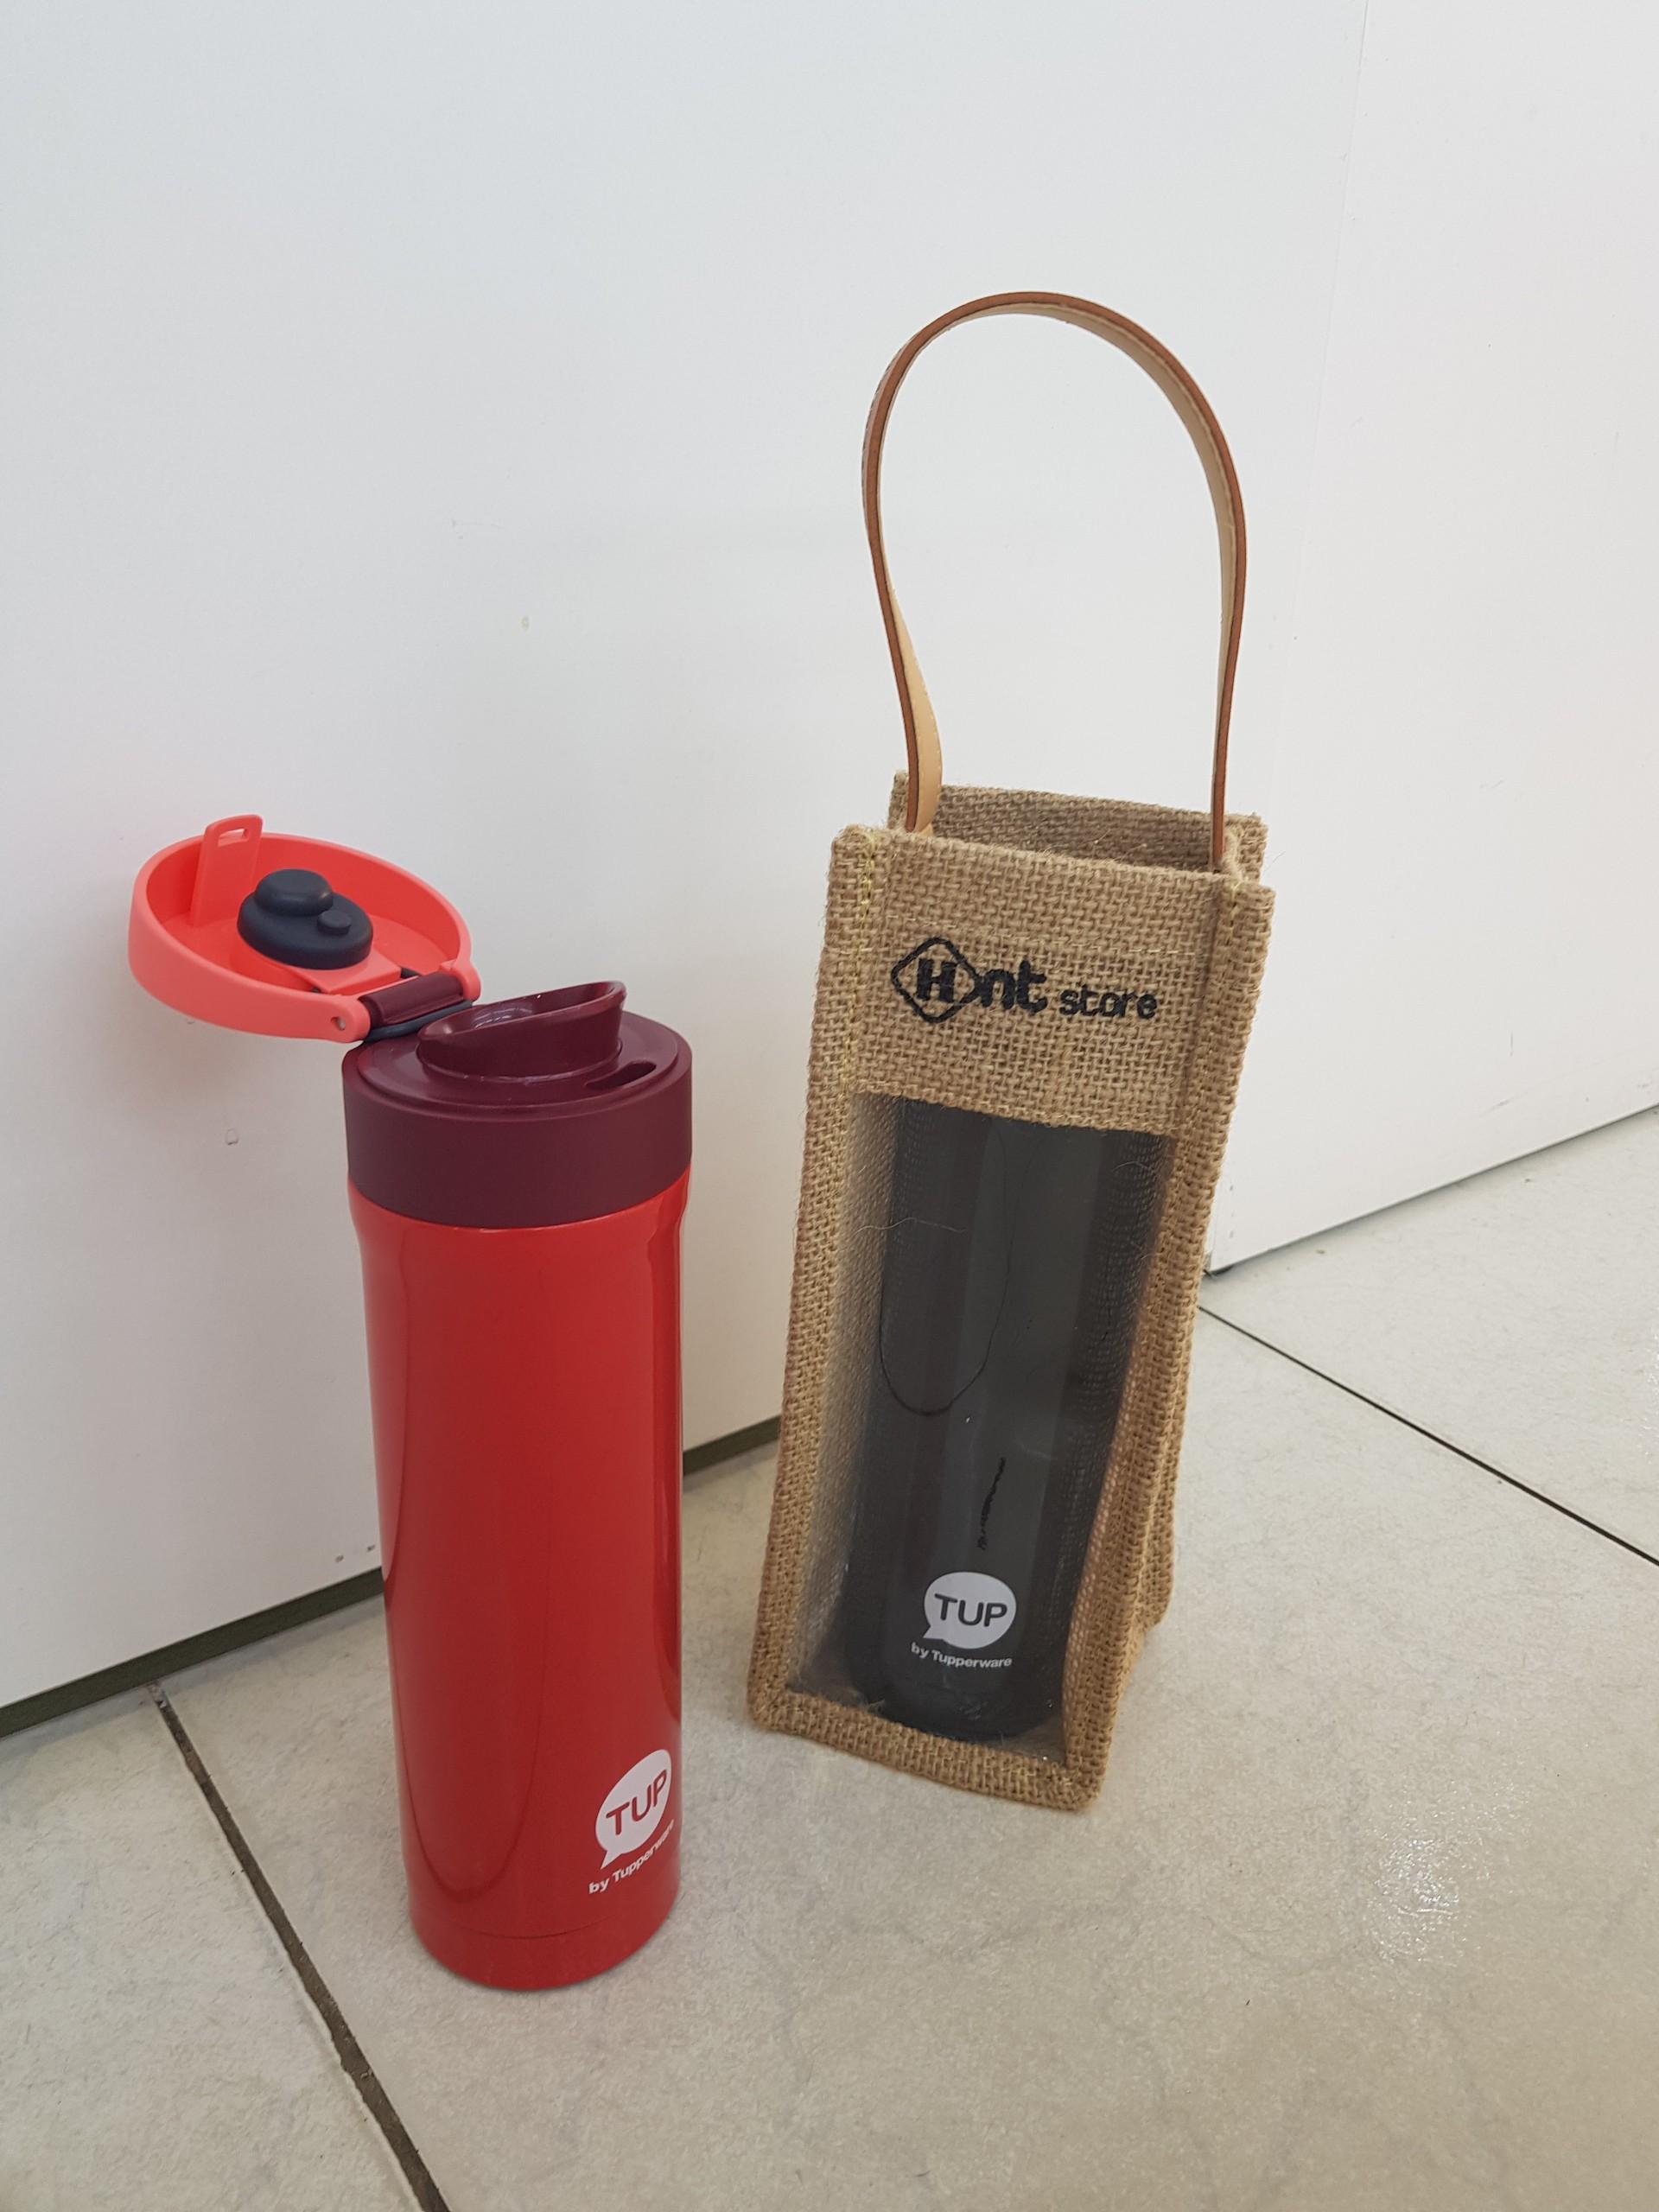 Bình giữ nhiệt Easy open Tupperware 430ml ĐỎ (Tặng kèm túi đựng bình bằng xinh xắn)